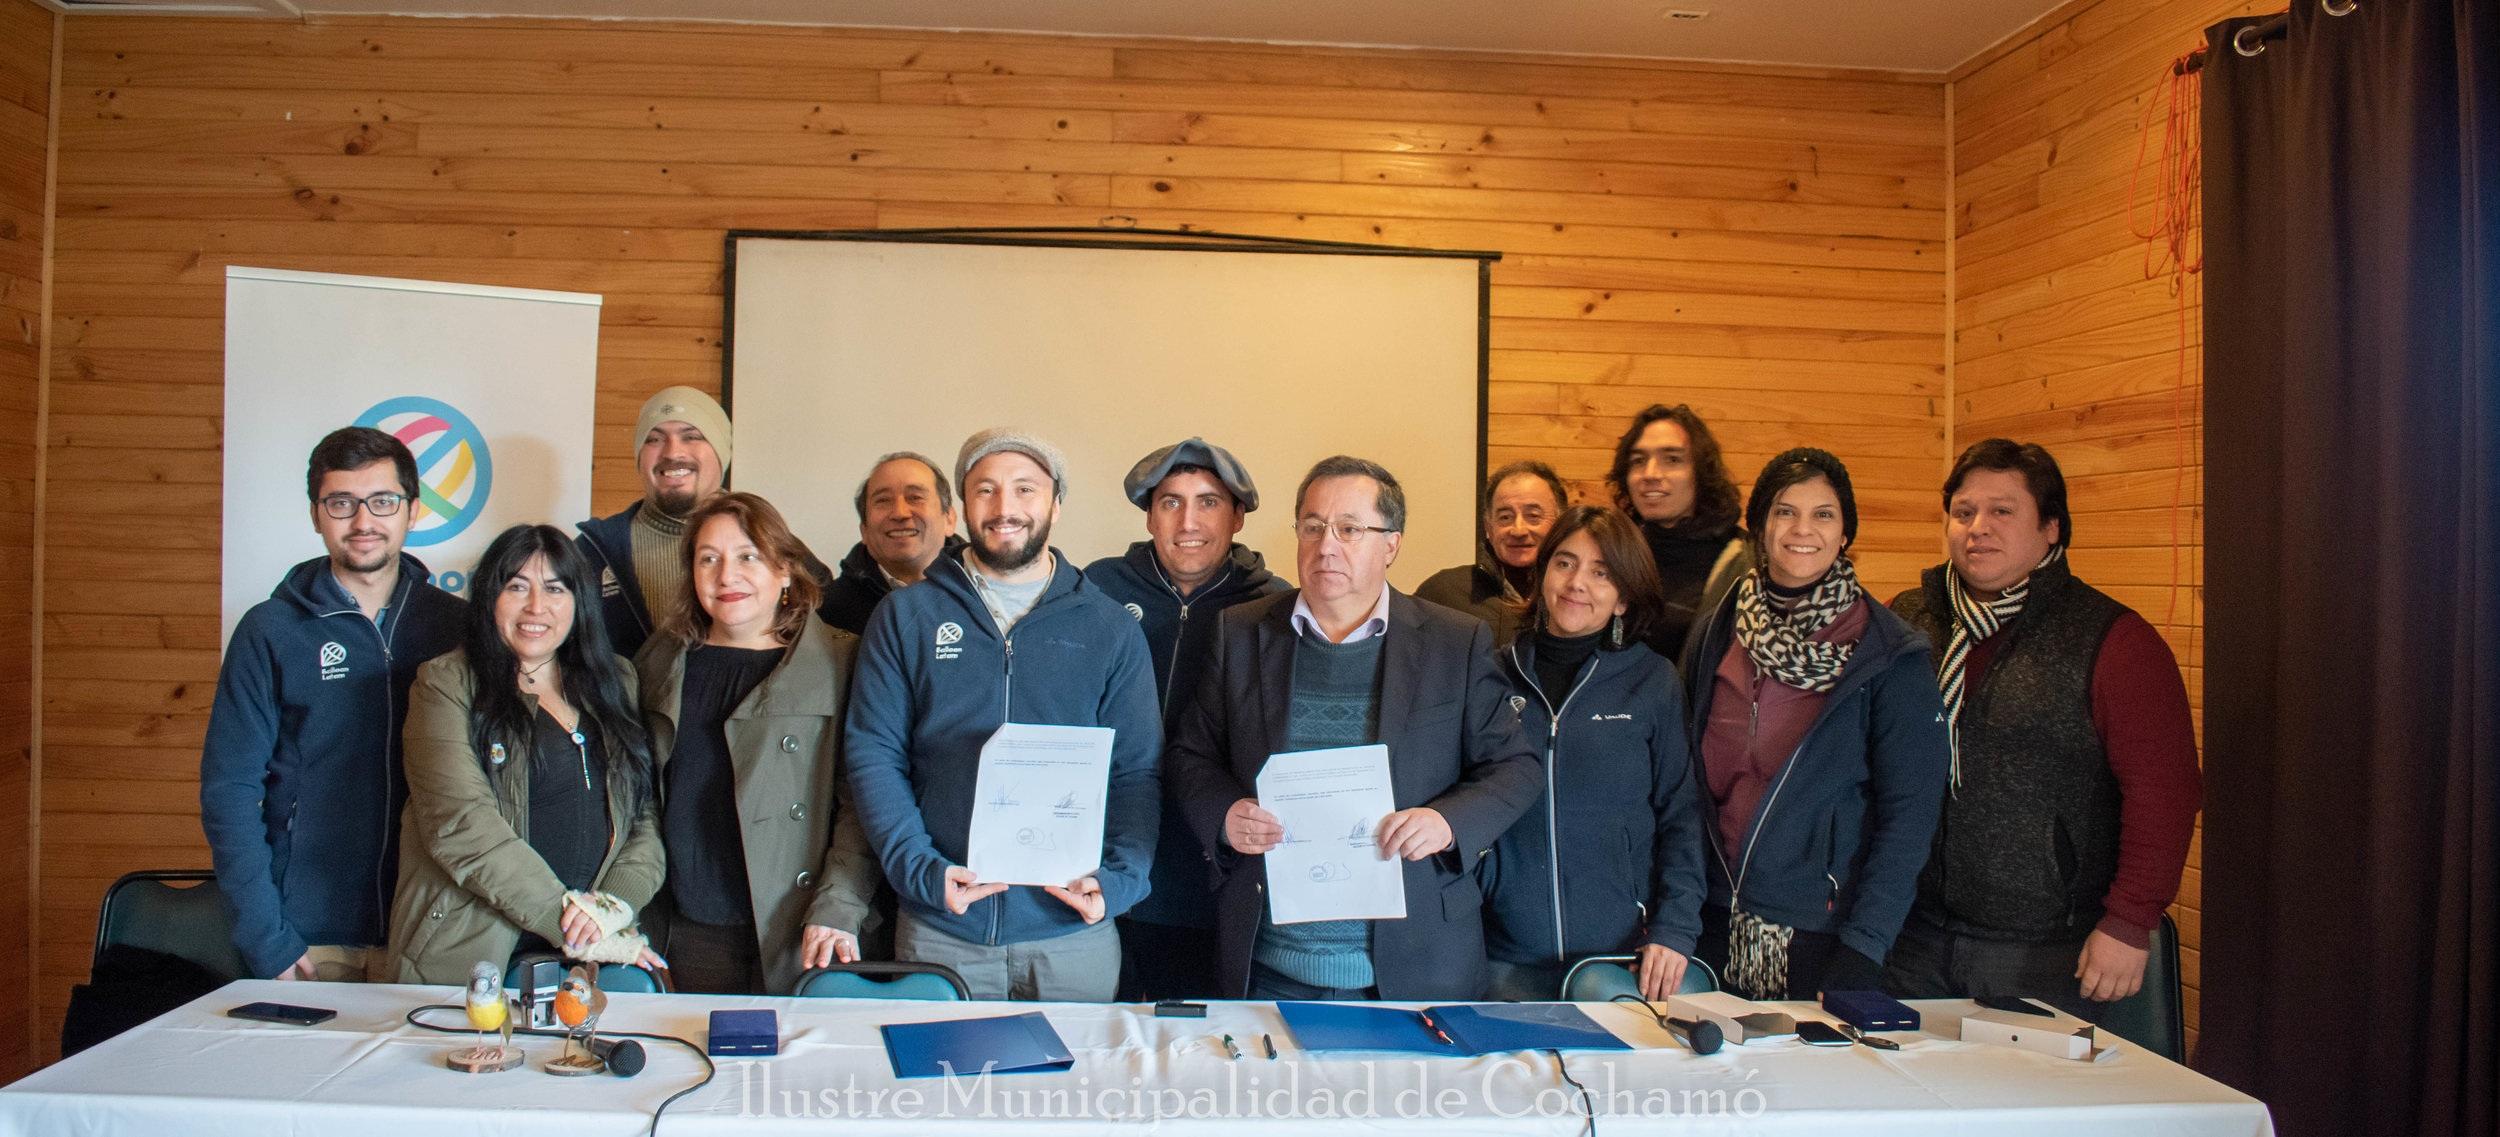 ¡A prepararse Cochamo! equipo Balloon Latam, Karün y Municipal de Cochamó, todo reunidos por una misma causa